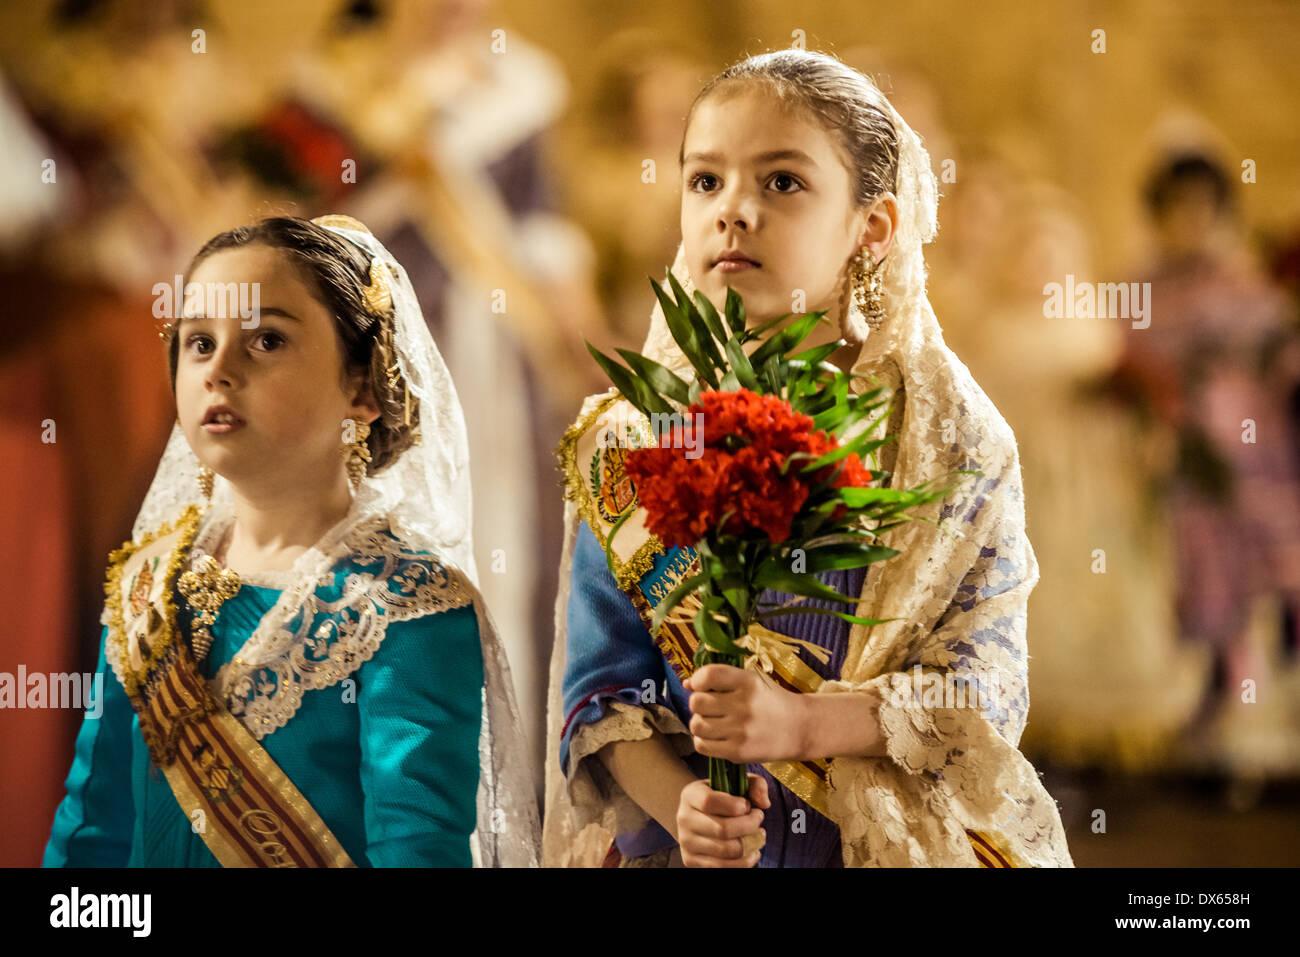 Valencia, Spanien. 18. März 2014: ein wenig Fallera schließlich bietet ihren Blumenstrauß der Jungfrau und übergibt Stockfoto